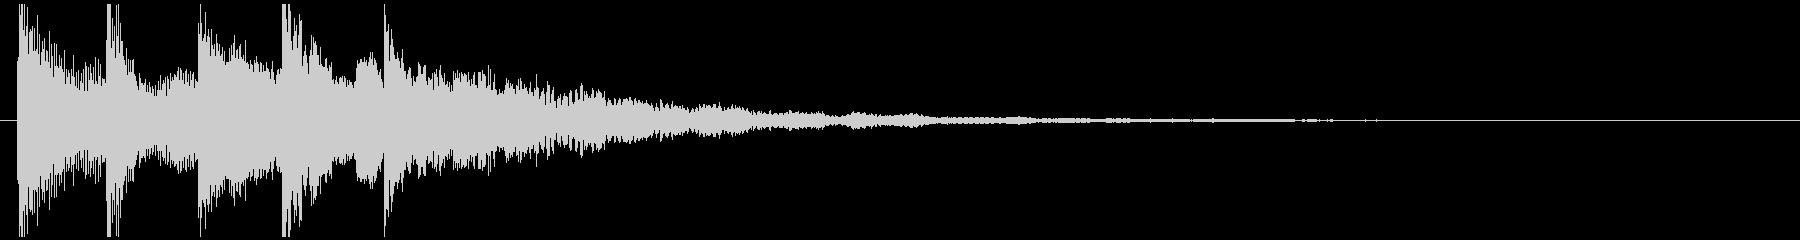 ページをめくる効果音の未再生の波形